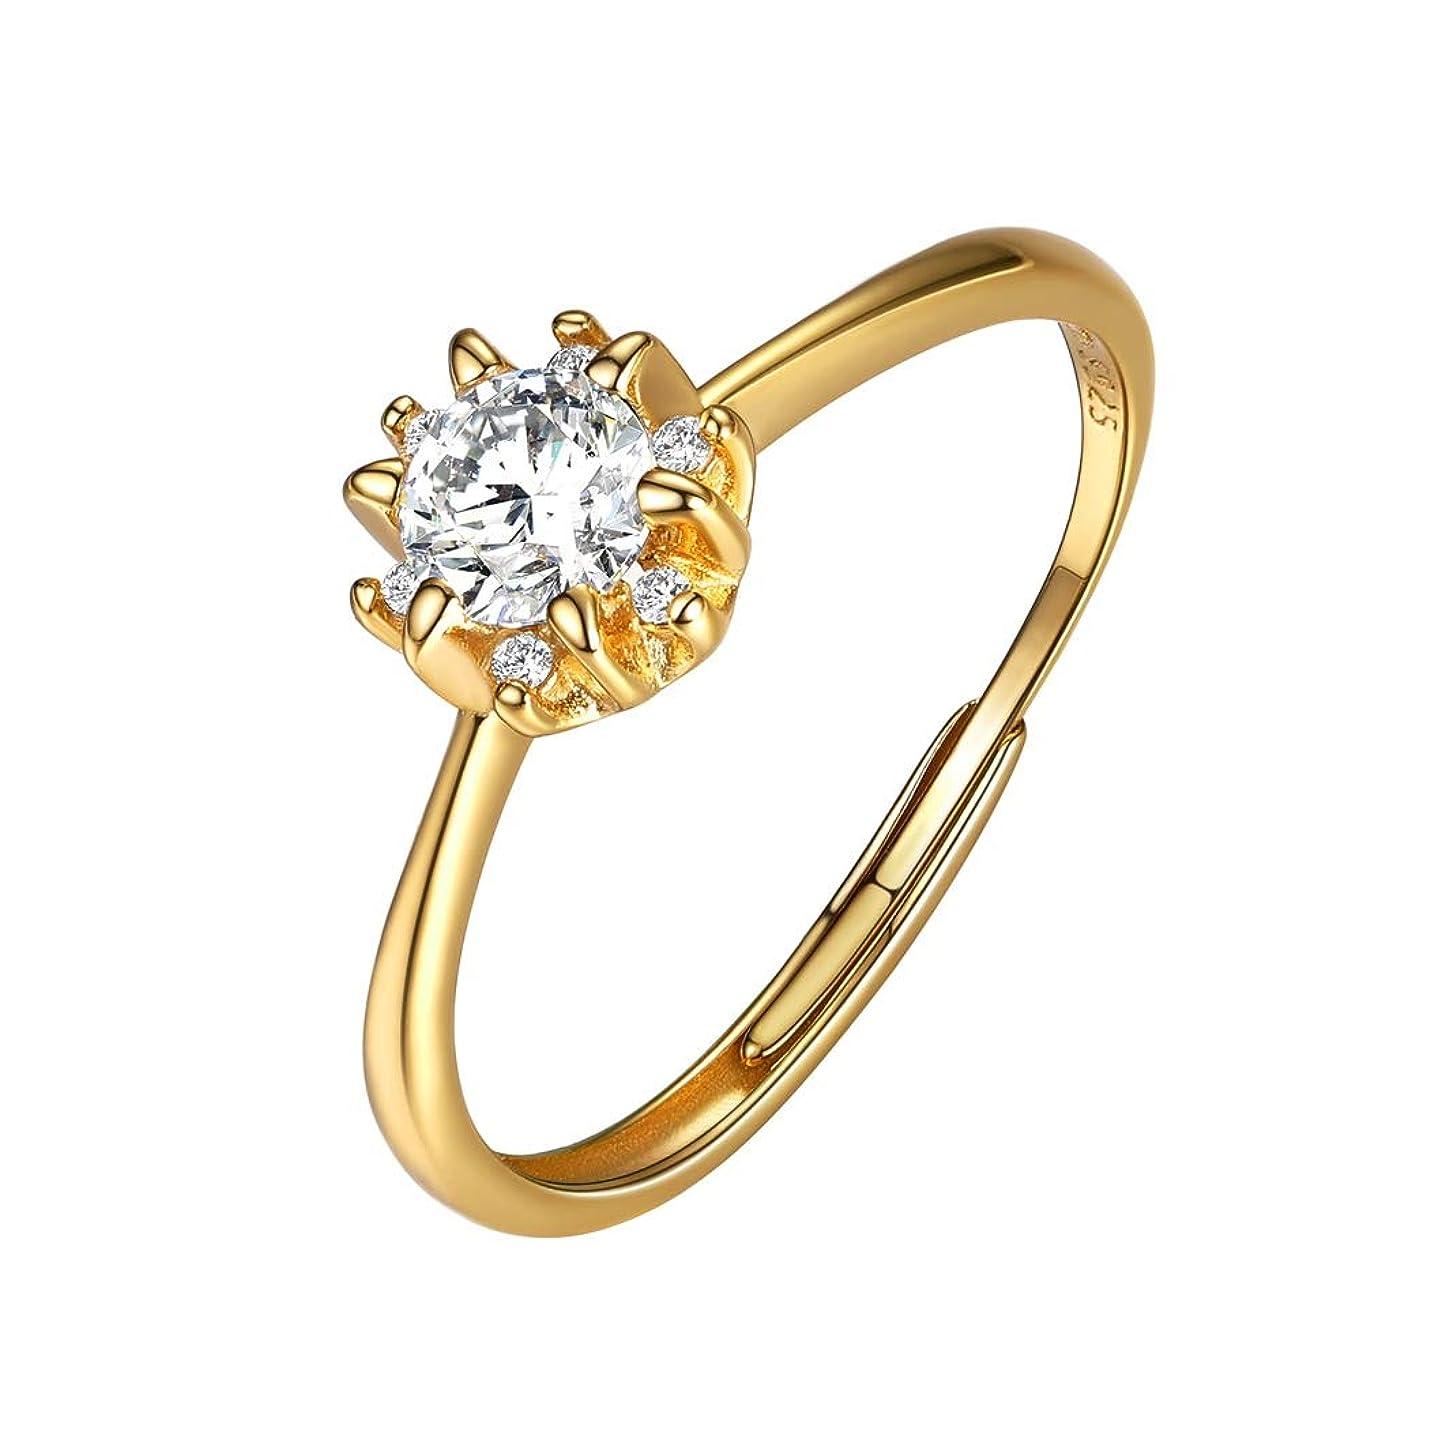 唯物論不快なメナジェリーSuplight 一粒 ジルコニア 結婚指輪 レディース フリーサイズ リング ゴールド 18k アレルギー対応 シンプル プロポーズ アクセサリー